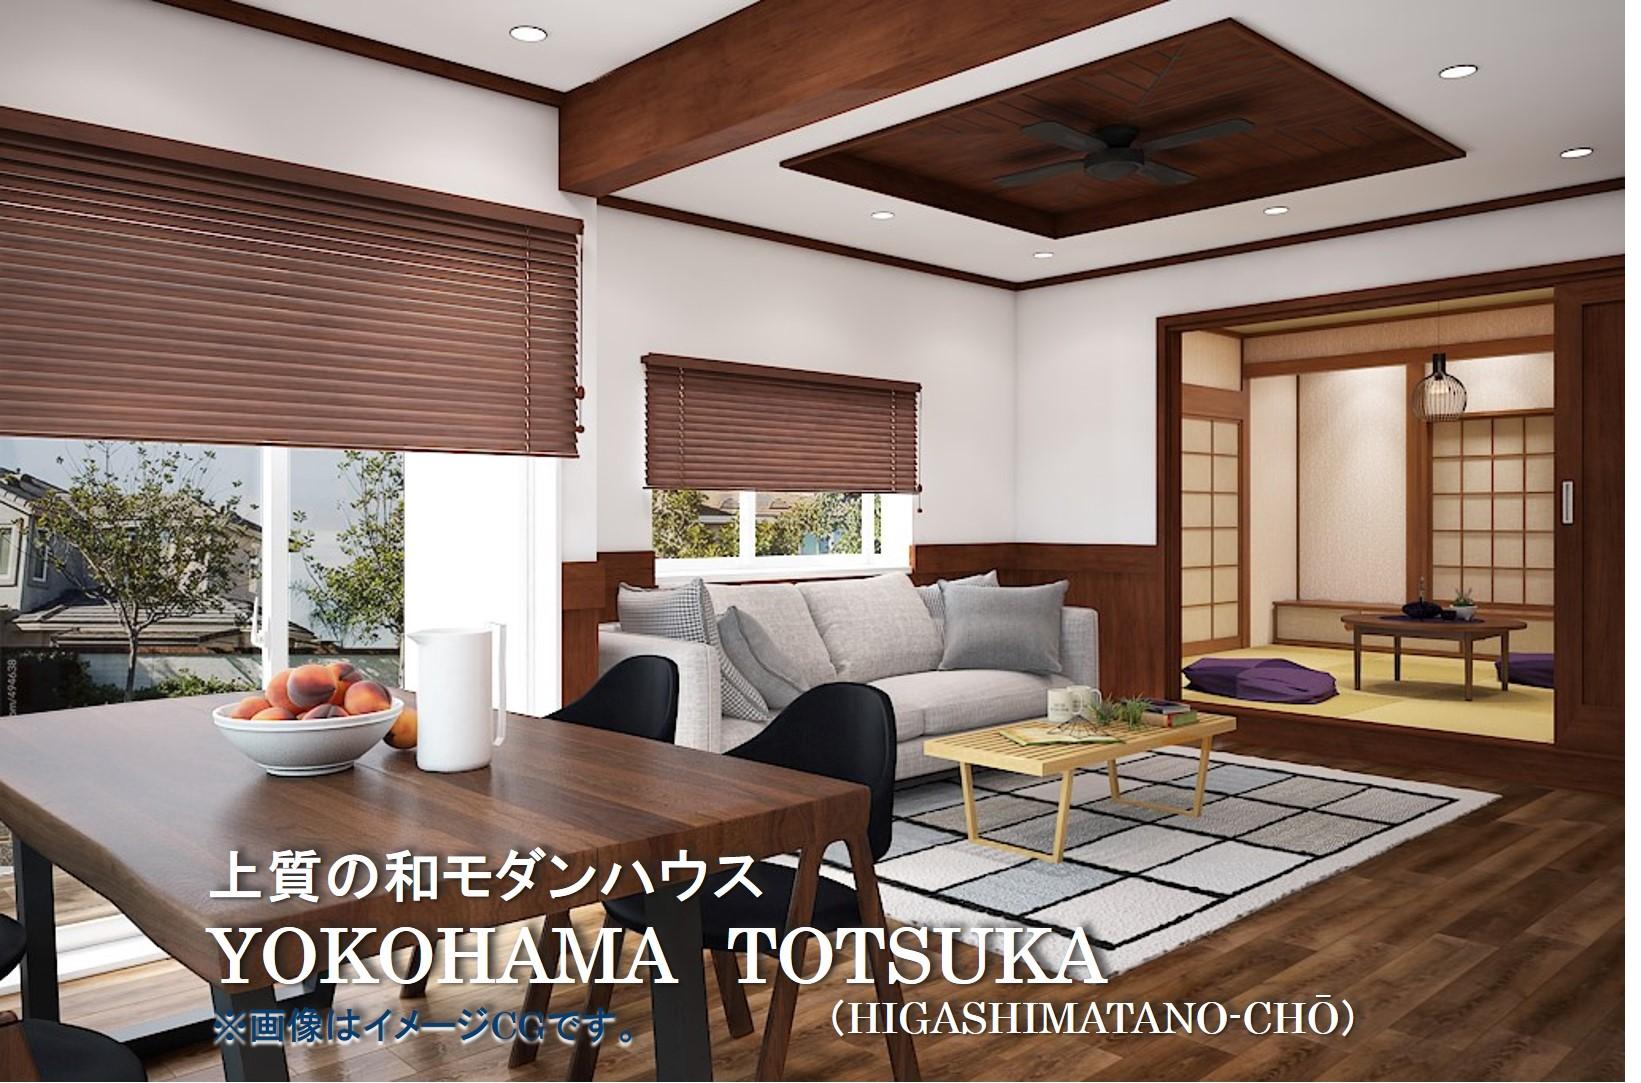 上質の和モダンハウス YOKOHAMA TOTSUKA